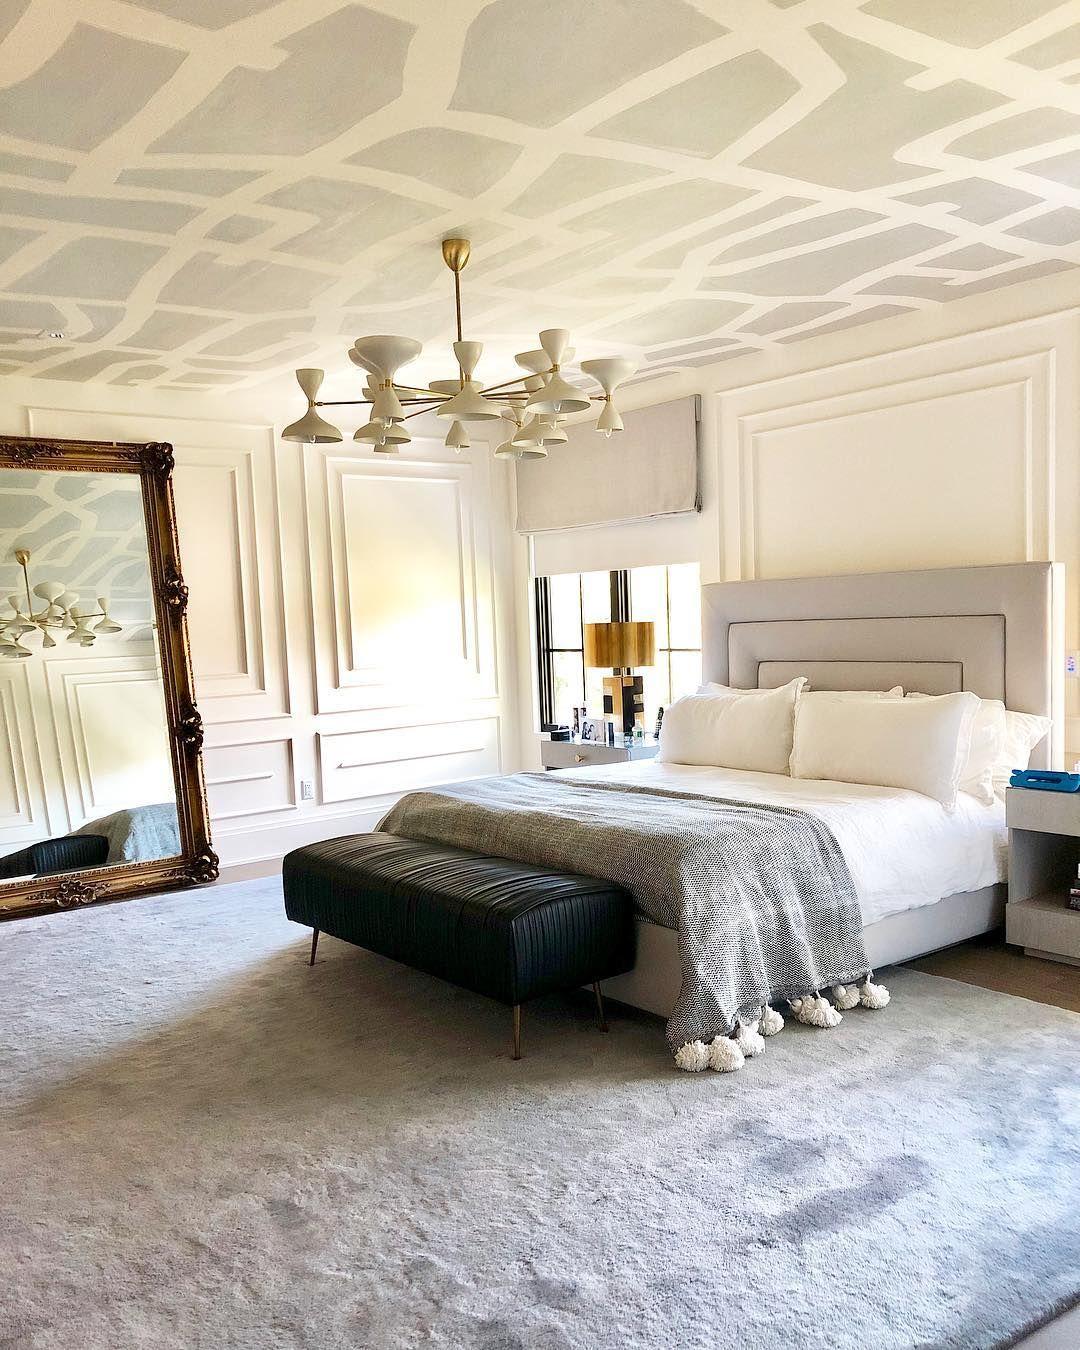 Michelle Gerson Interiors On Instagram Master Bedroom Design By Michellegersoninteriors Interiordesign Modern